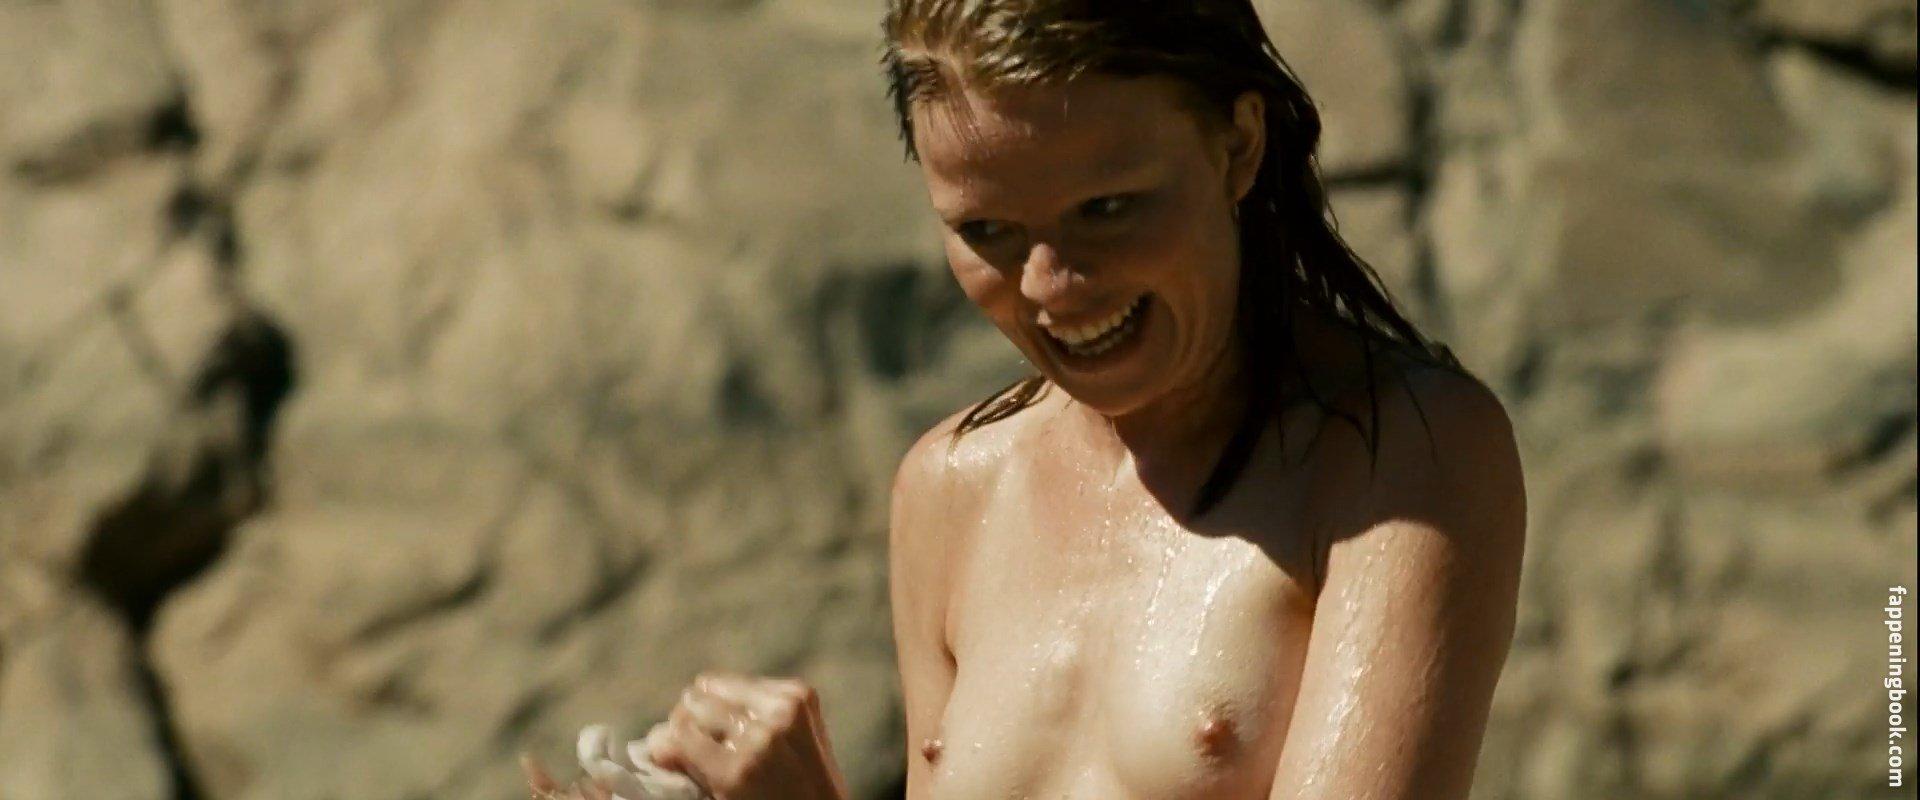 Signe egholm olsen nude